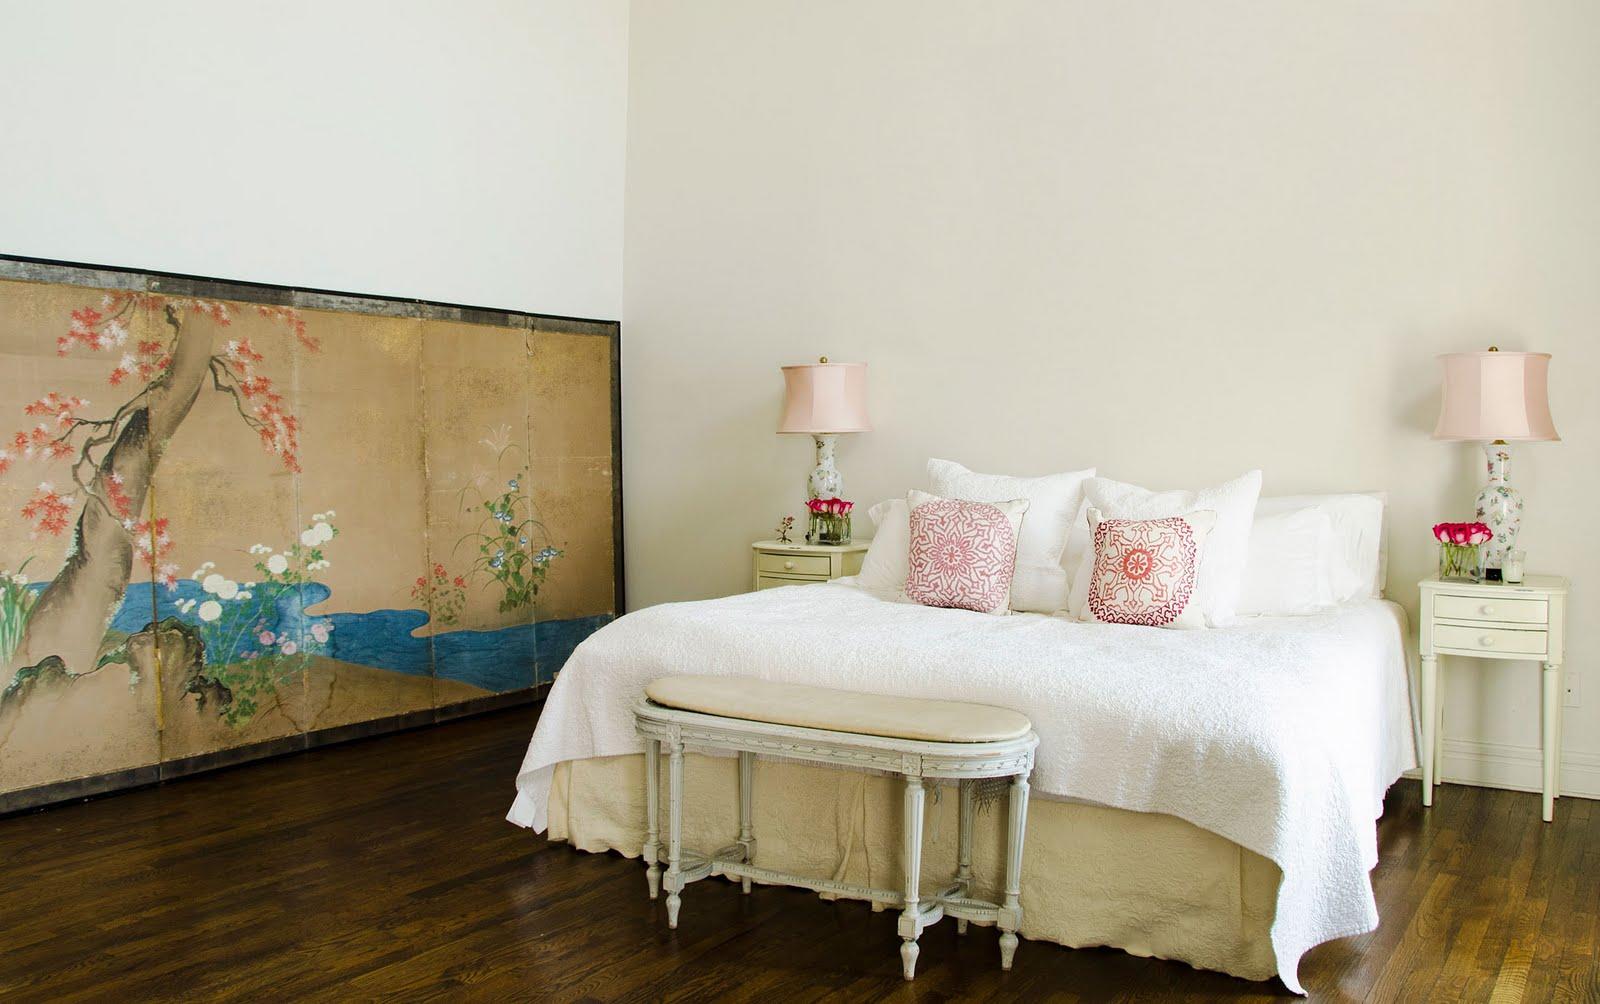 http://4.bp.blogspot.com/-VbyGC-lYICc/TdaNJhluStI/AAAAAAAAAaM/OUEoI6PCQZU/s1600/img-new-bedroom-image-apt-erin_185942164827.jpg